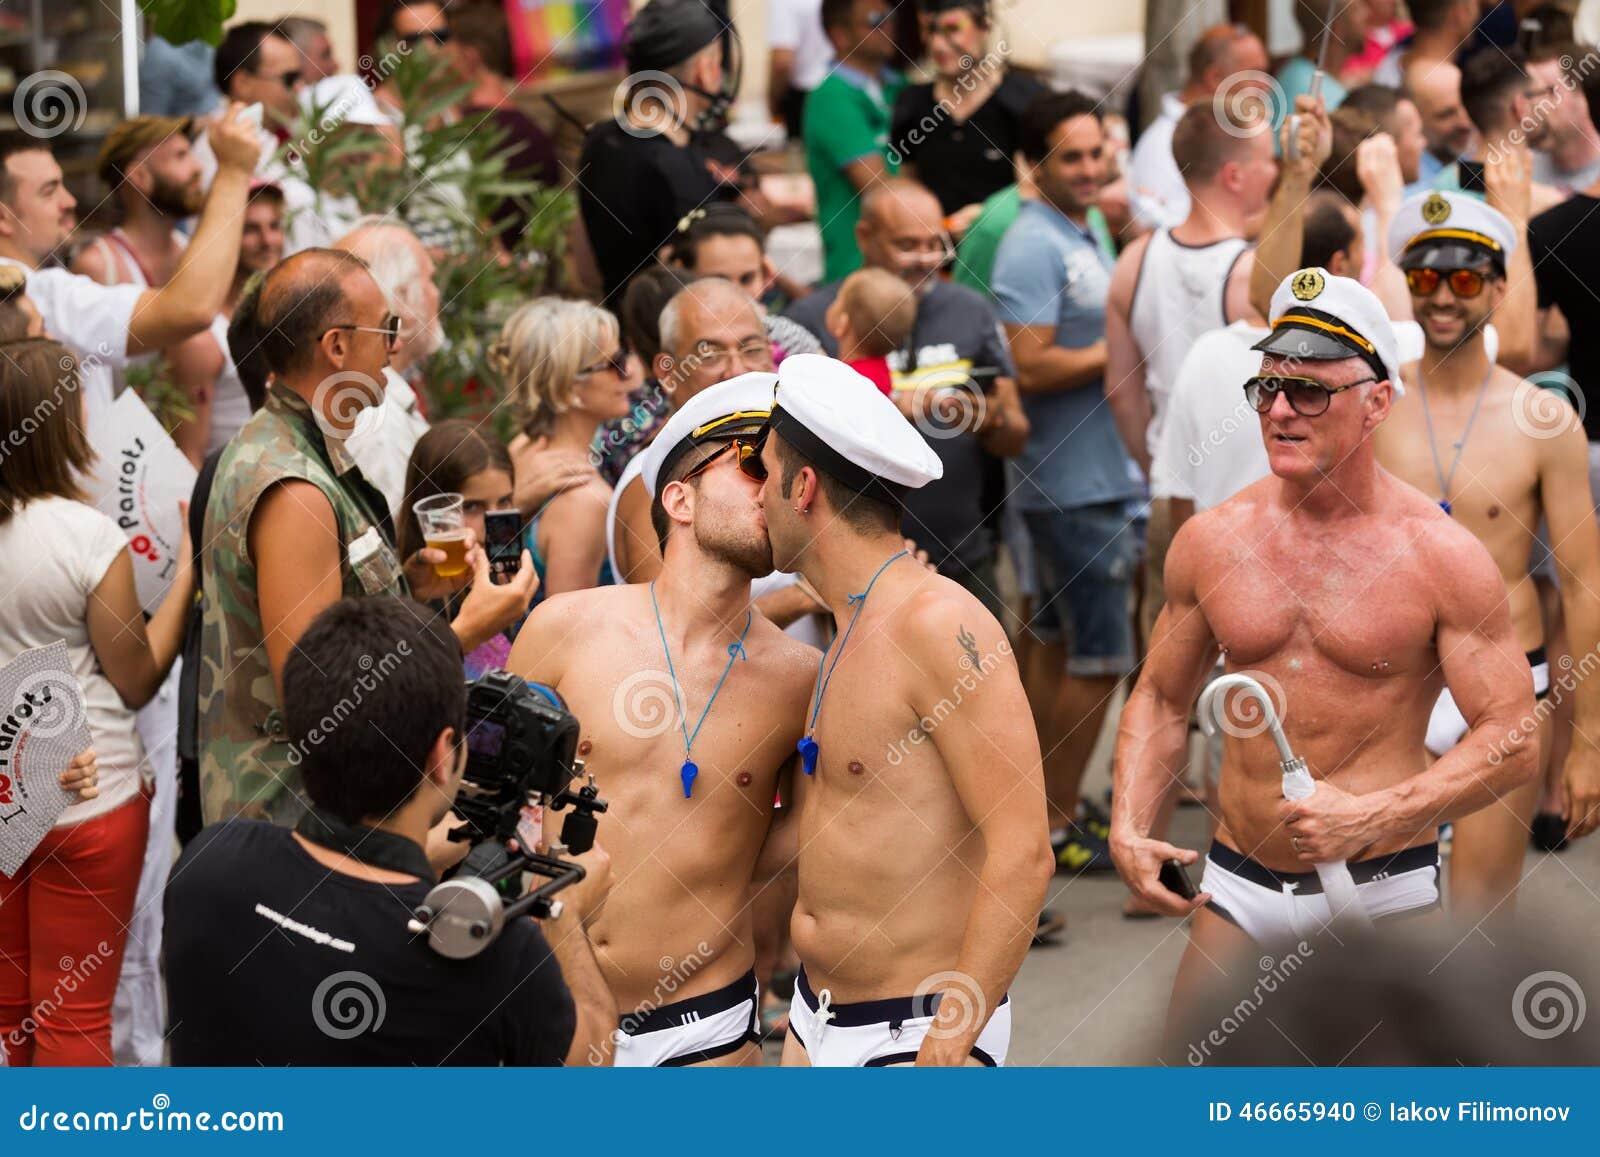 Chicos gay aprendiendo a besarse